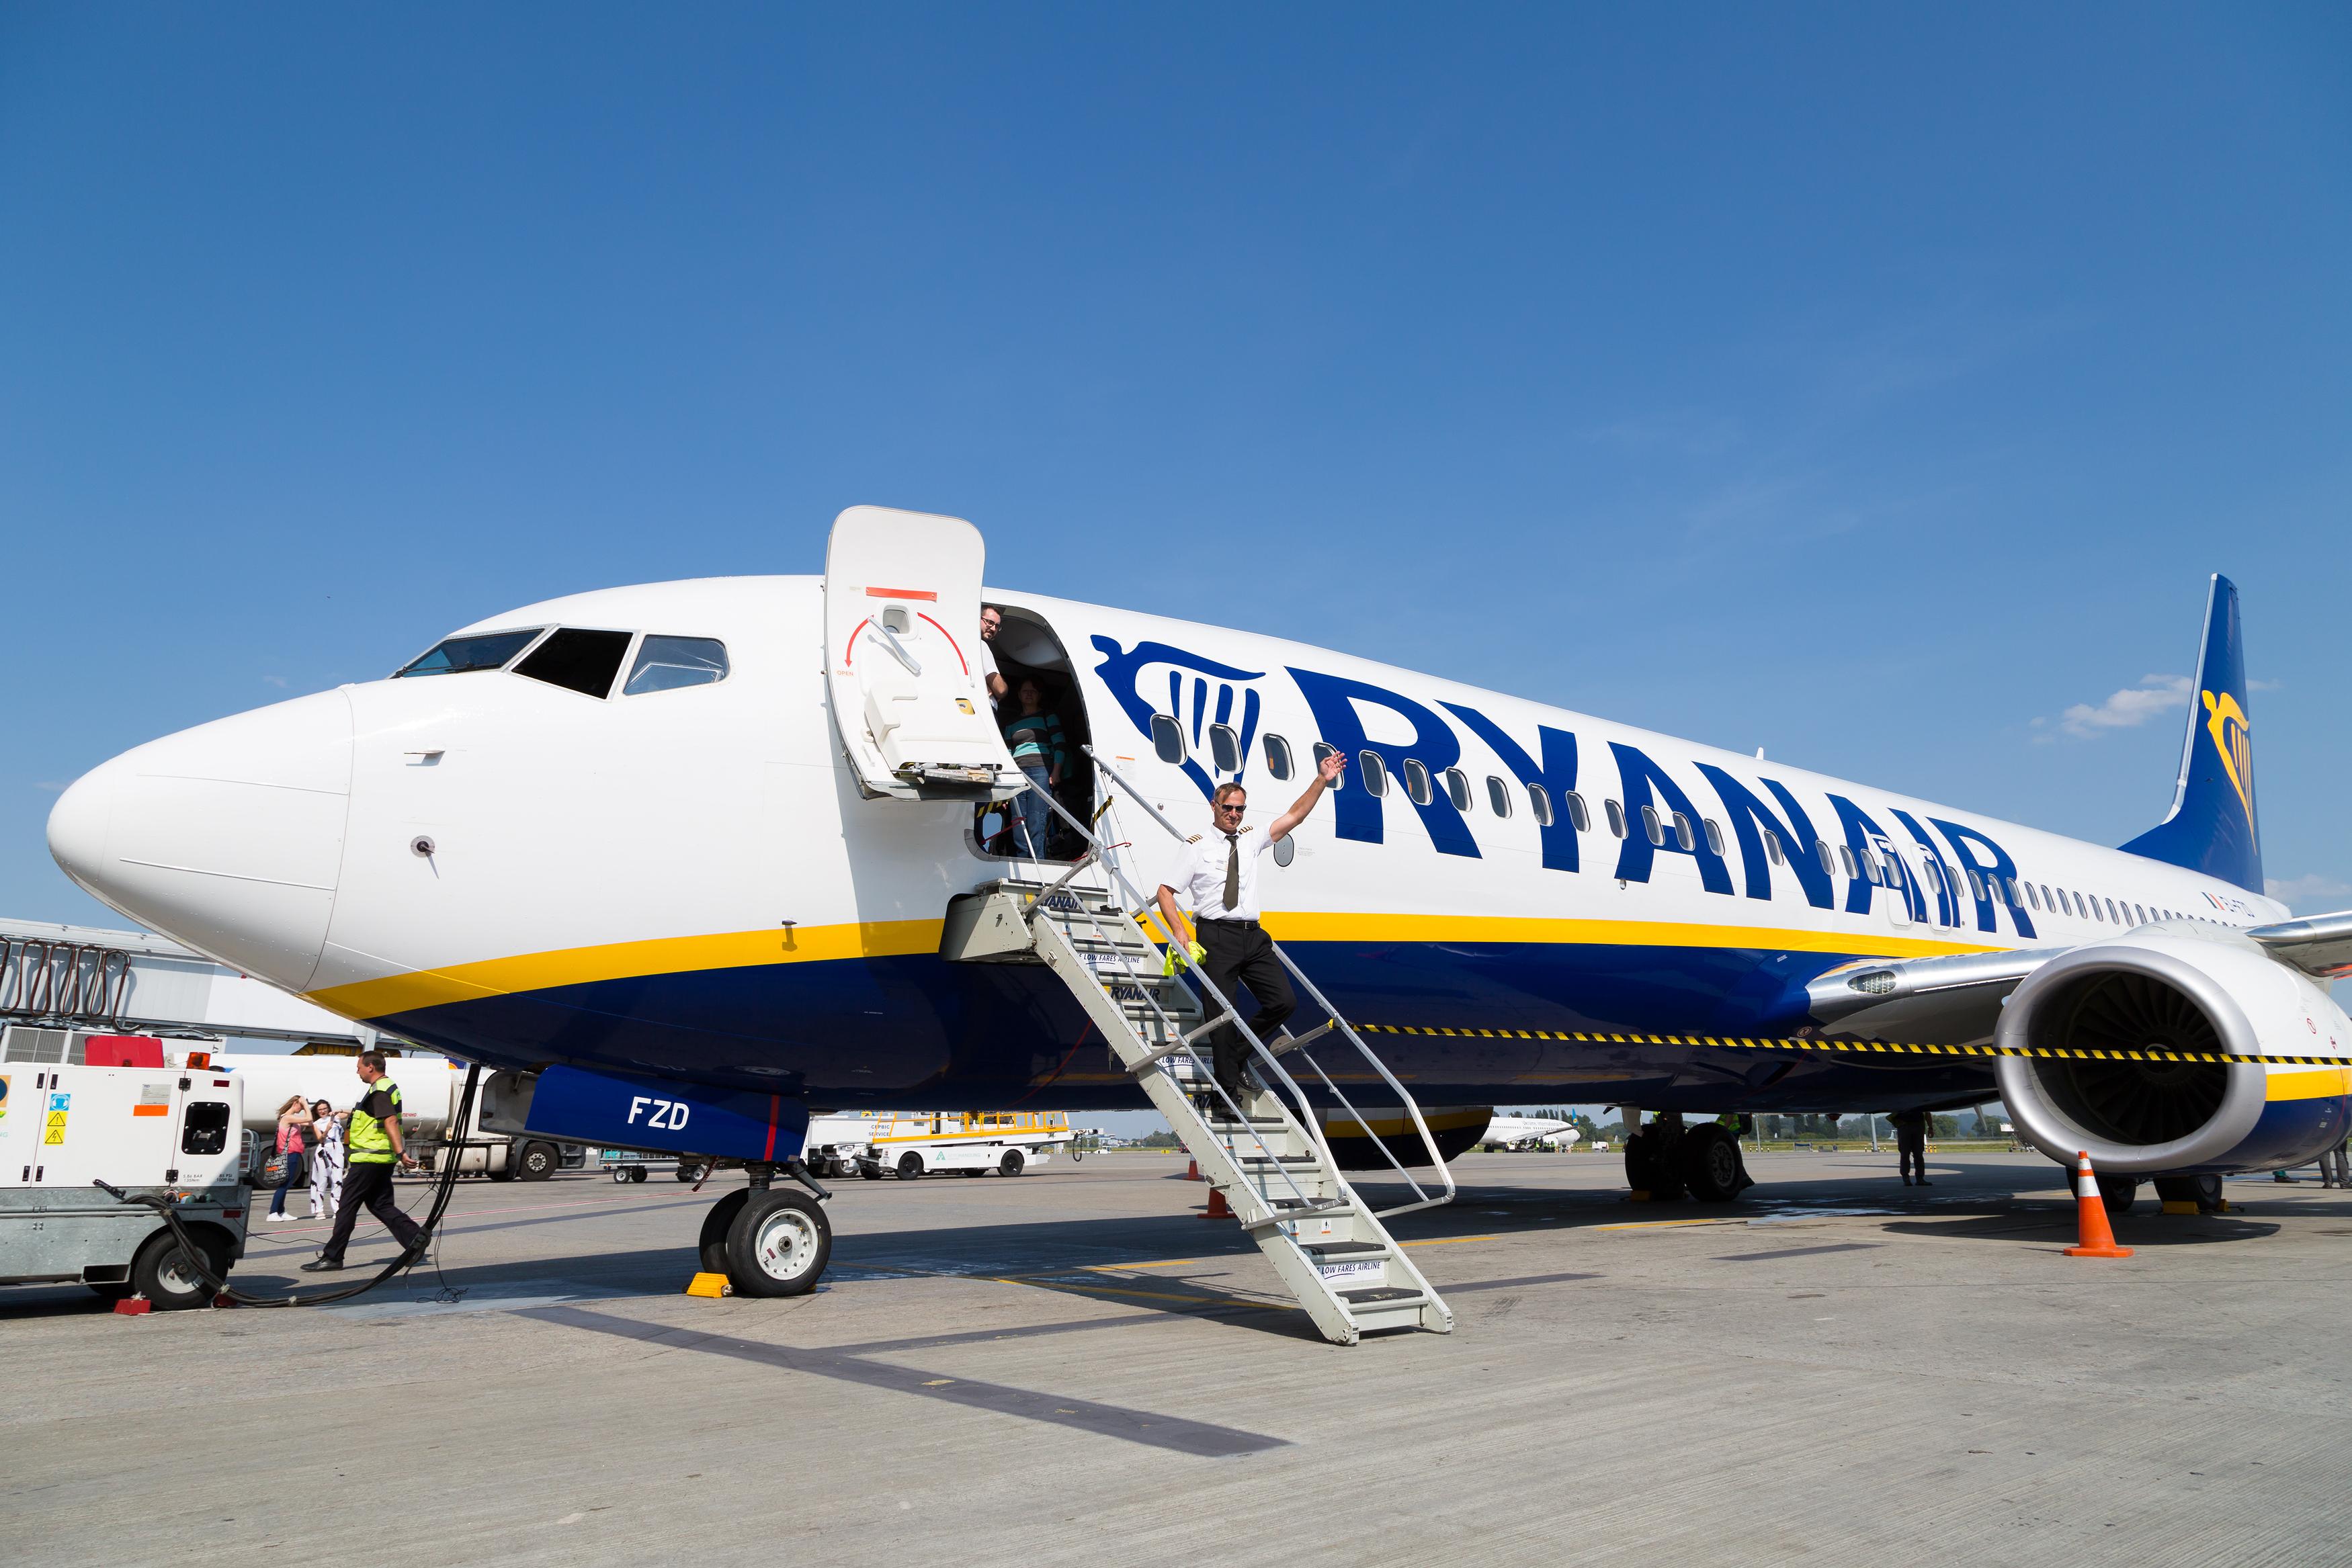 Ryanair-ն ուսումնասիրում է Միլան-Երևան չվերթի ուղևորներին չգրանցելու հարցը